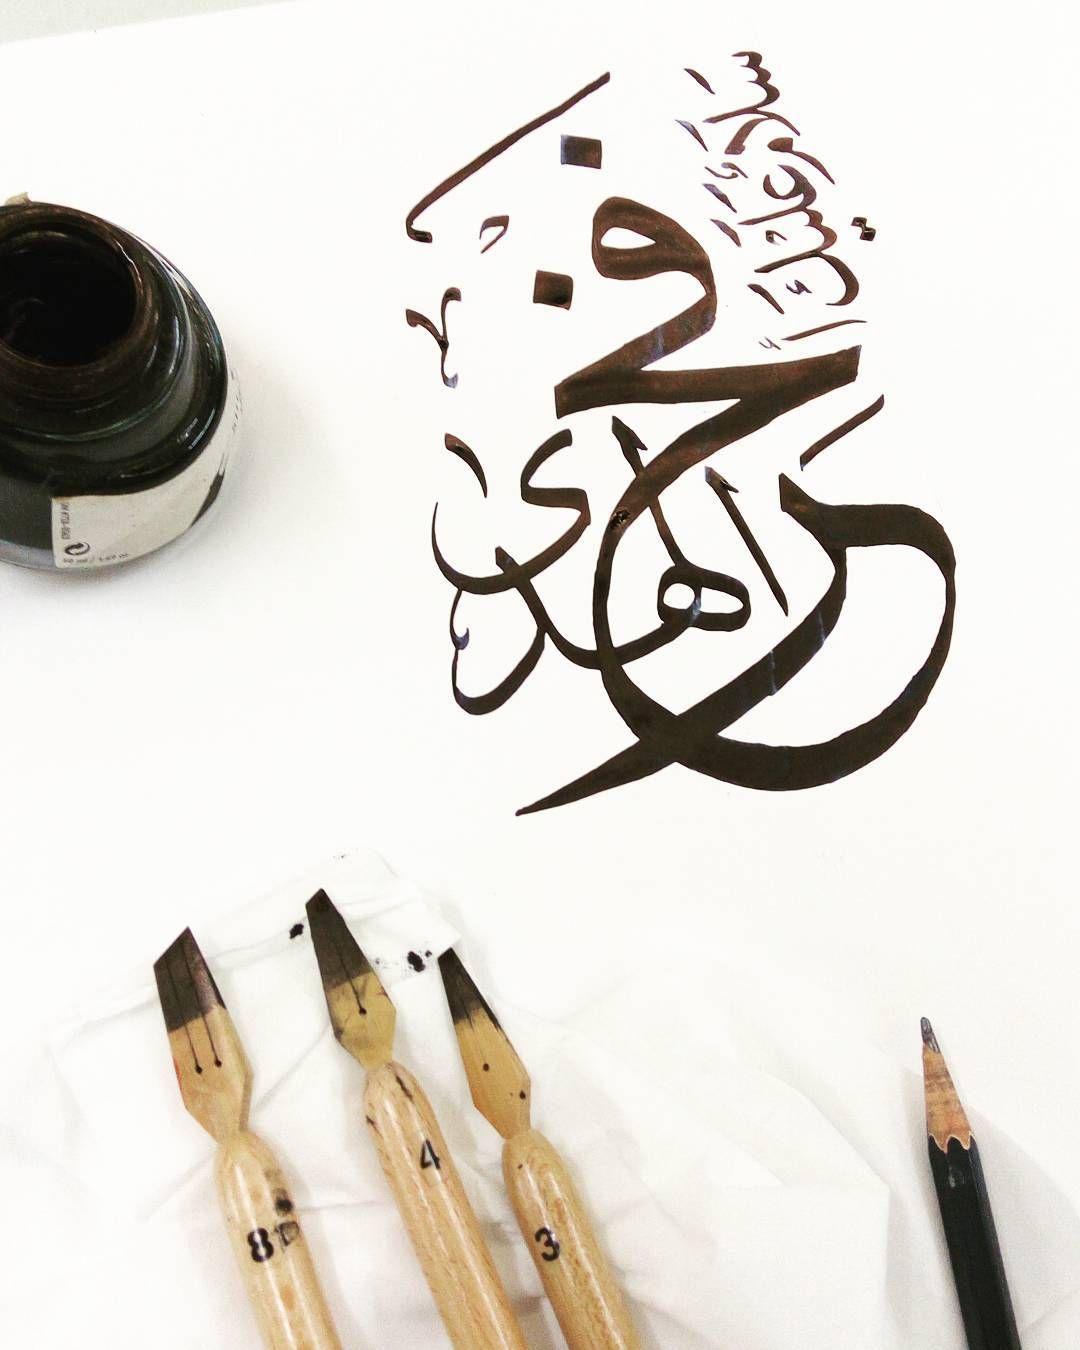 #سلام عليك أ فخر الهدى #الخط_العربي #خط_الثلث #خط_النسخ #خط_يدي #الخطوط #فنون #فن  #art #arabic_calligraphy #handlettering #handwriting #handwritten